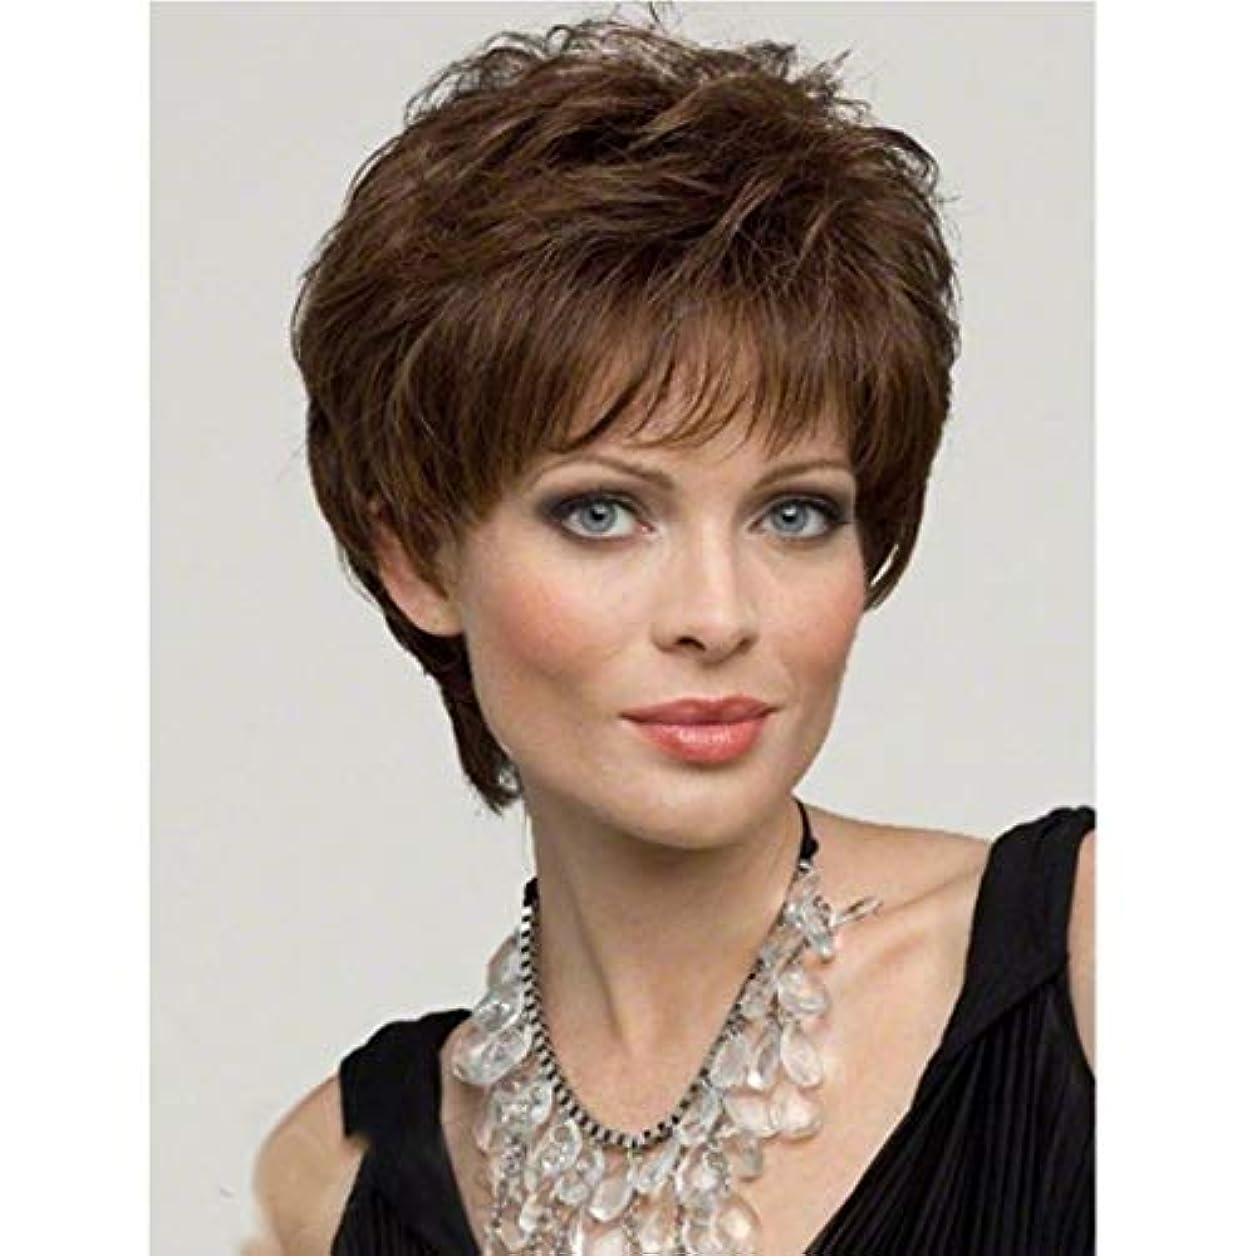 独創的ペレグリネーション著者Kerwinner 女性のための茶色のかつら短い巻き毛のかつら合成完全女性のかつら